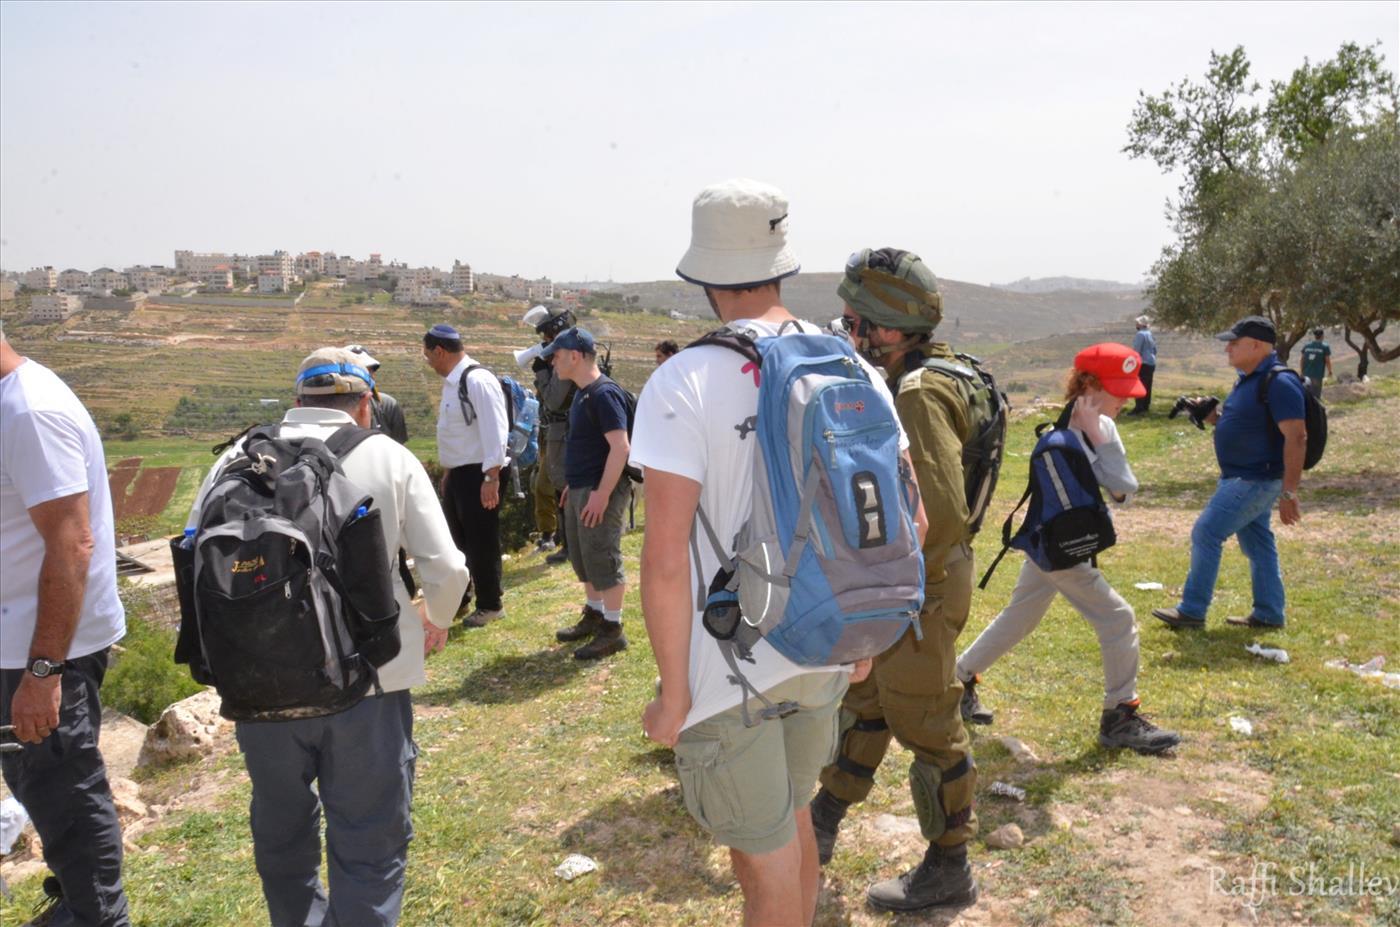 שיירת עמיתים לטיולים בכניסה לכפר (רפי שלו)